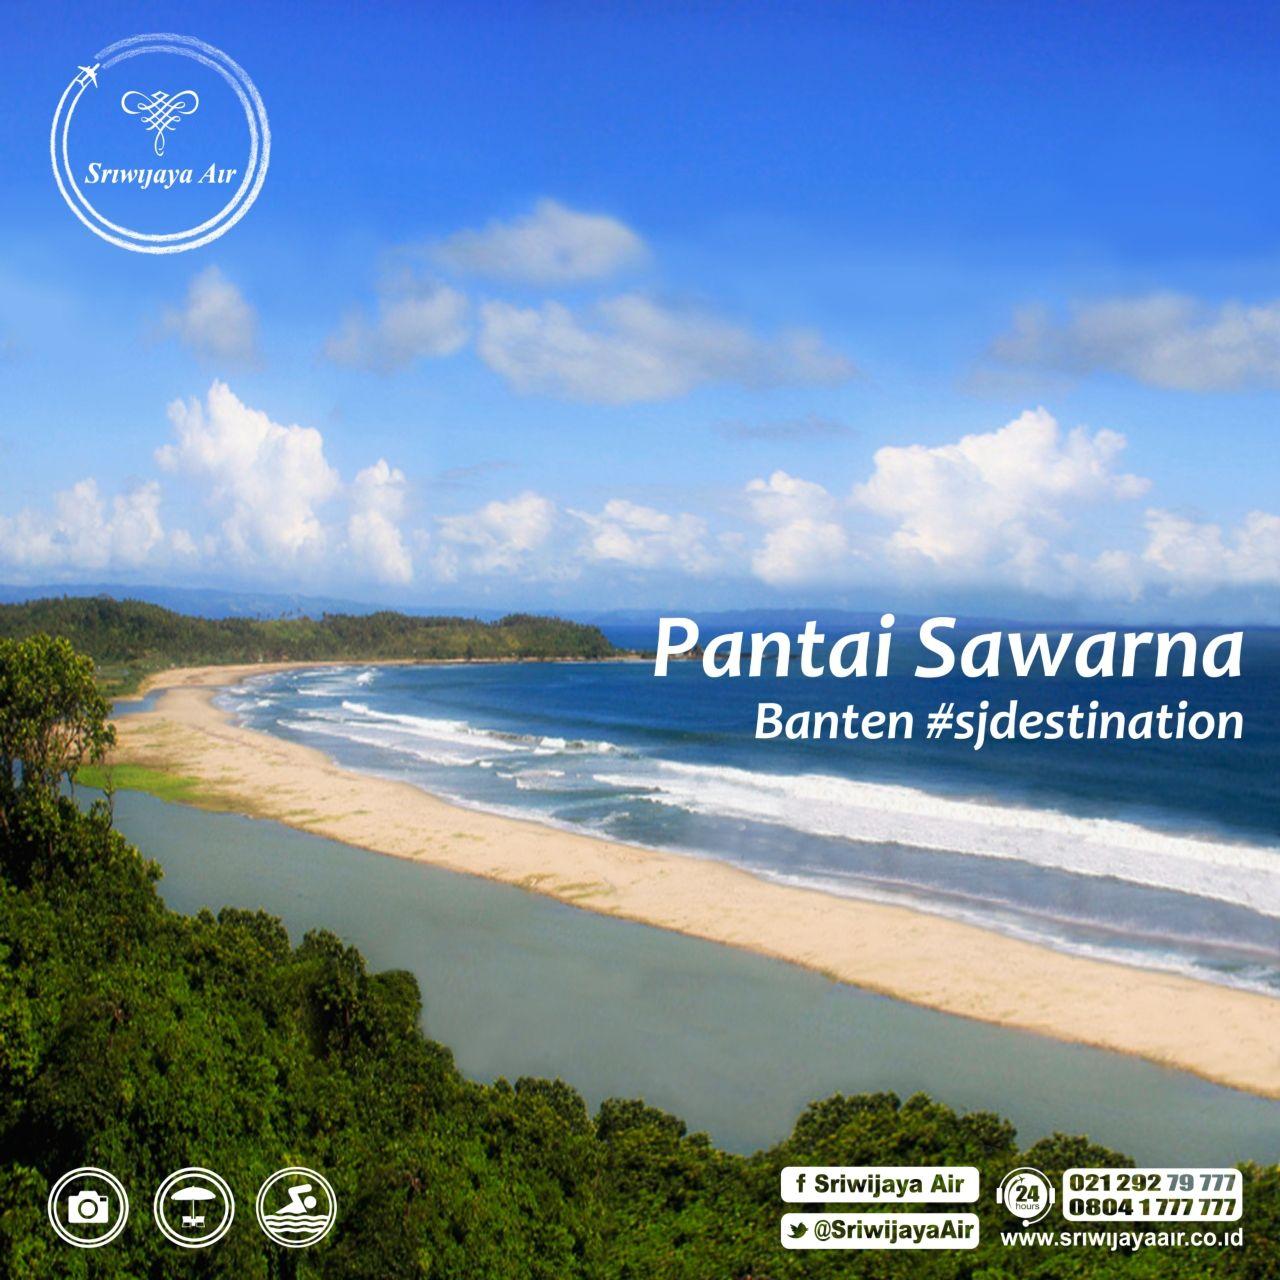 Pantai Sawarna di Banten ini dapat dijadikan sebagai referensi